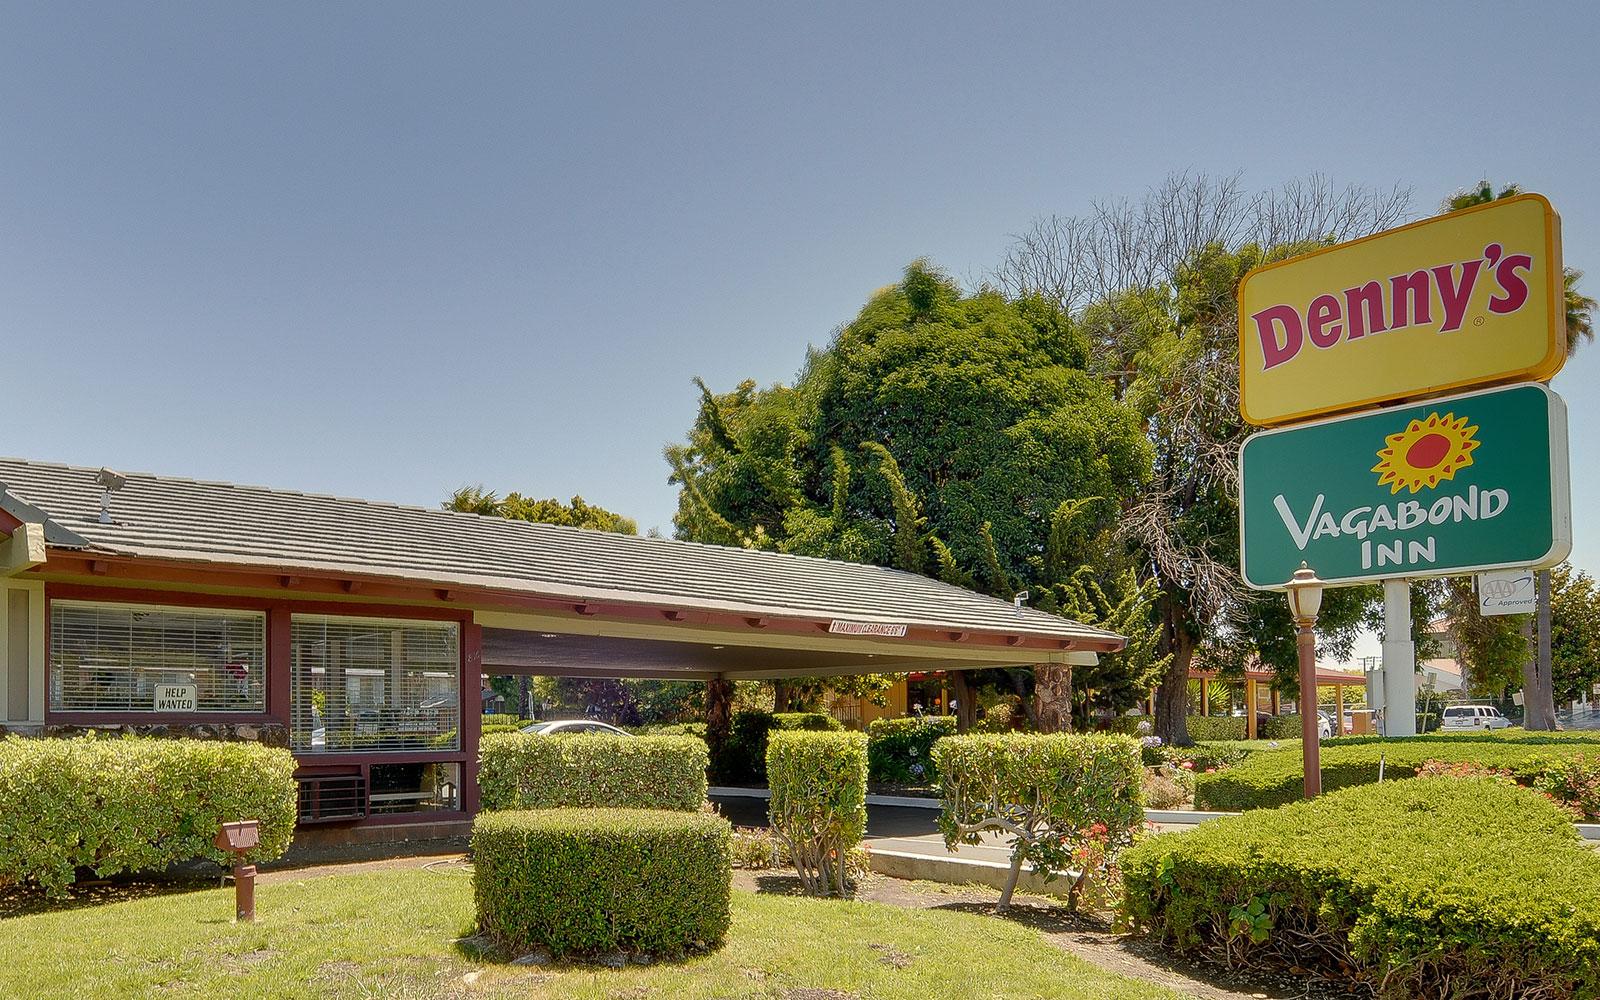 Sunnyvale California Hotel Vagabond Inn Sunnyvale